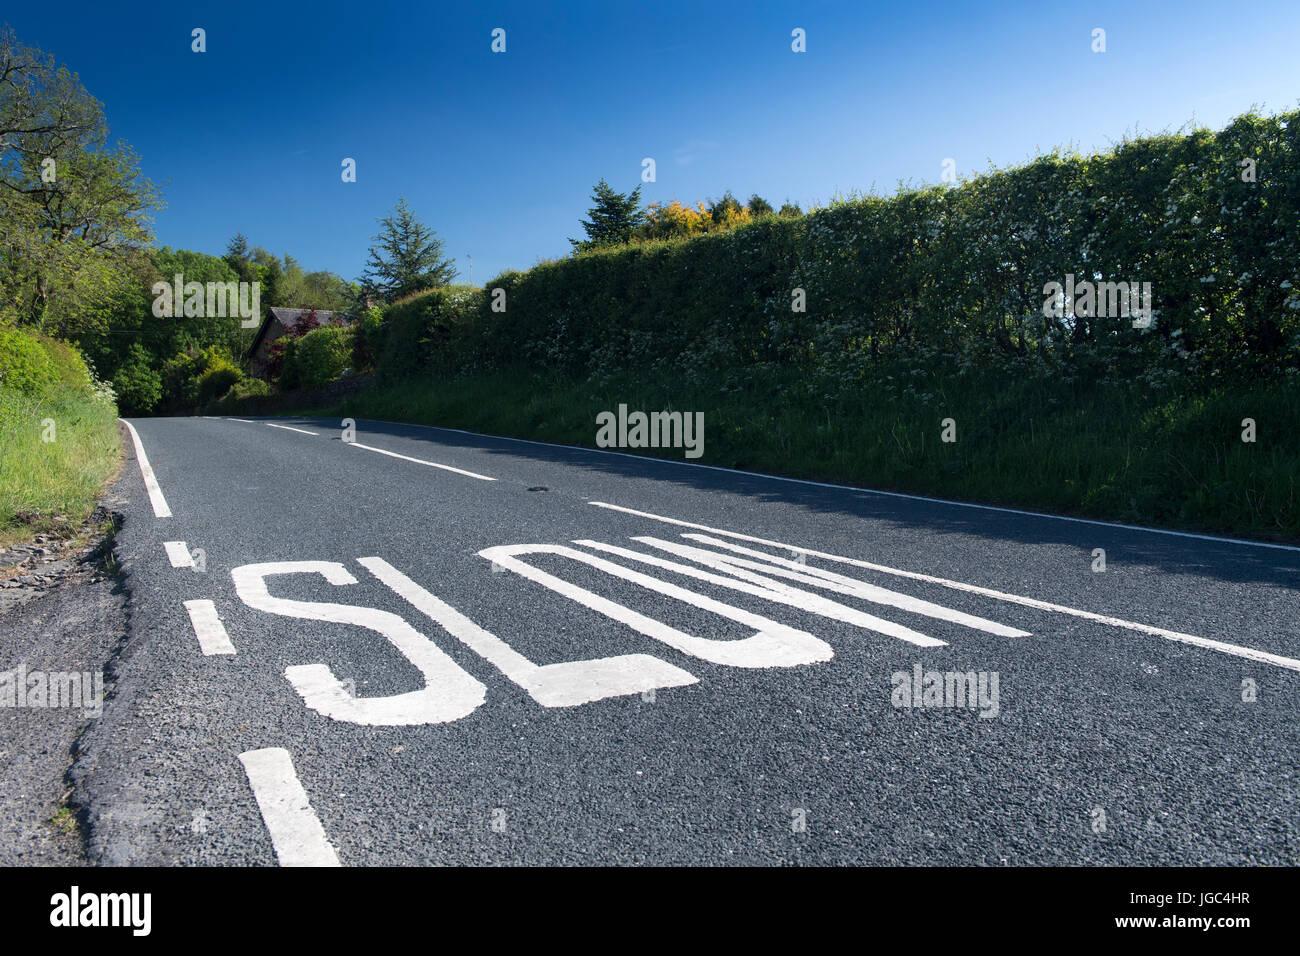 Le marquage routier lente sur une route rurale dans le Lancashire, Royaume-Uni. Banque D'Images